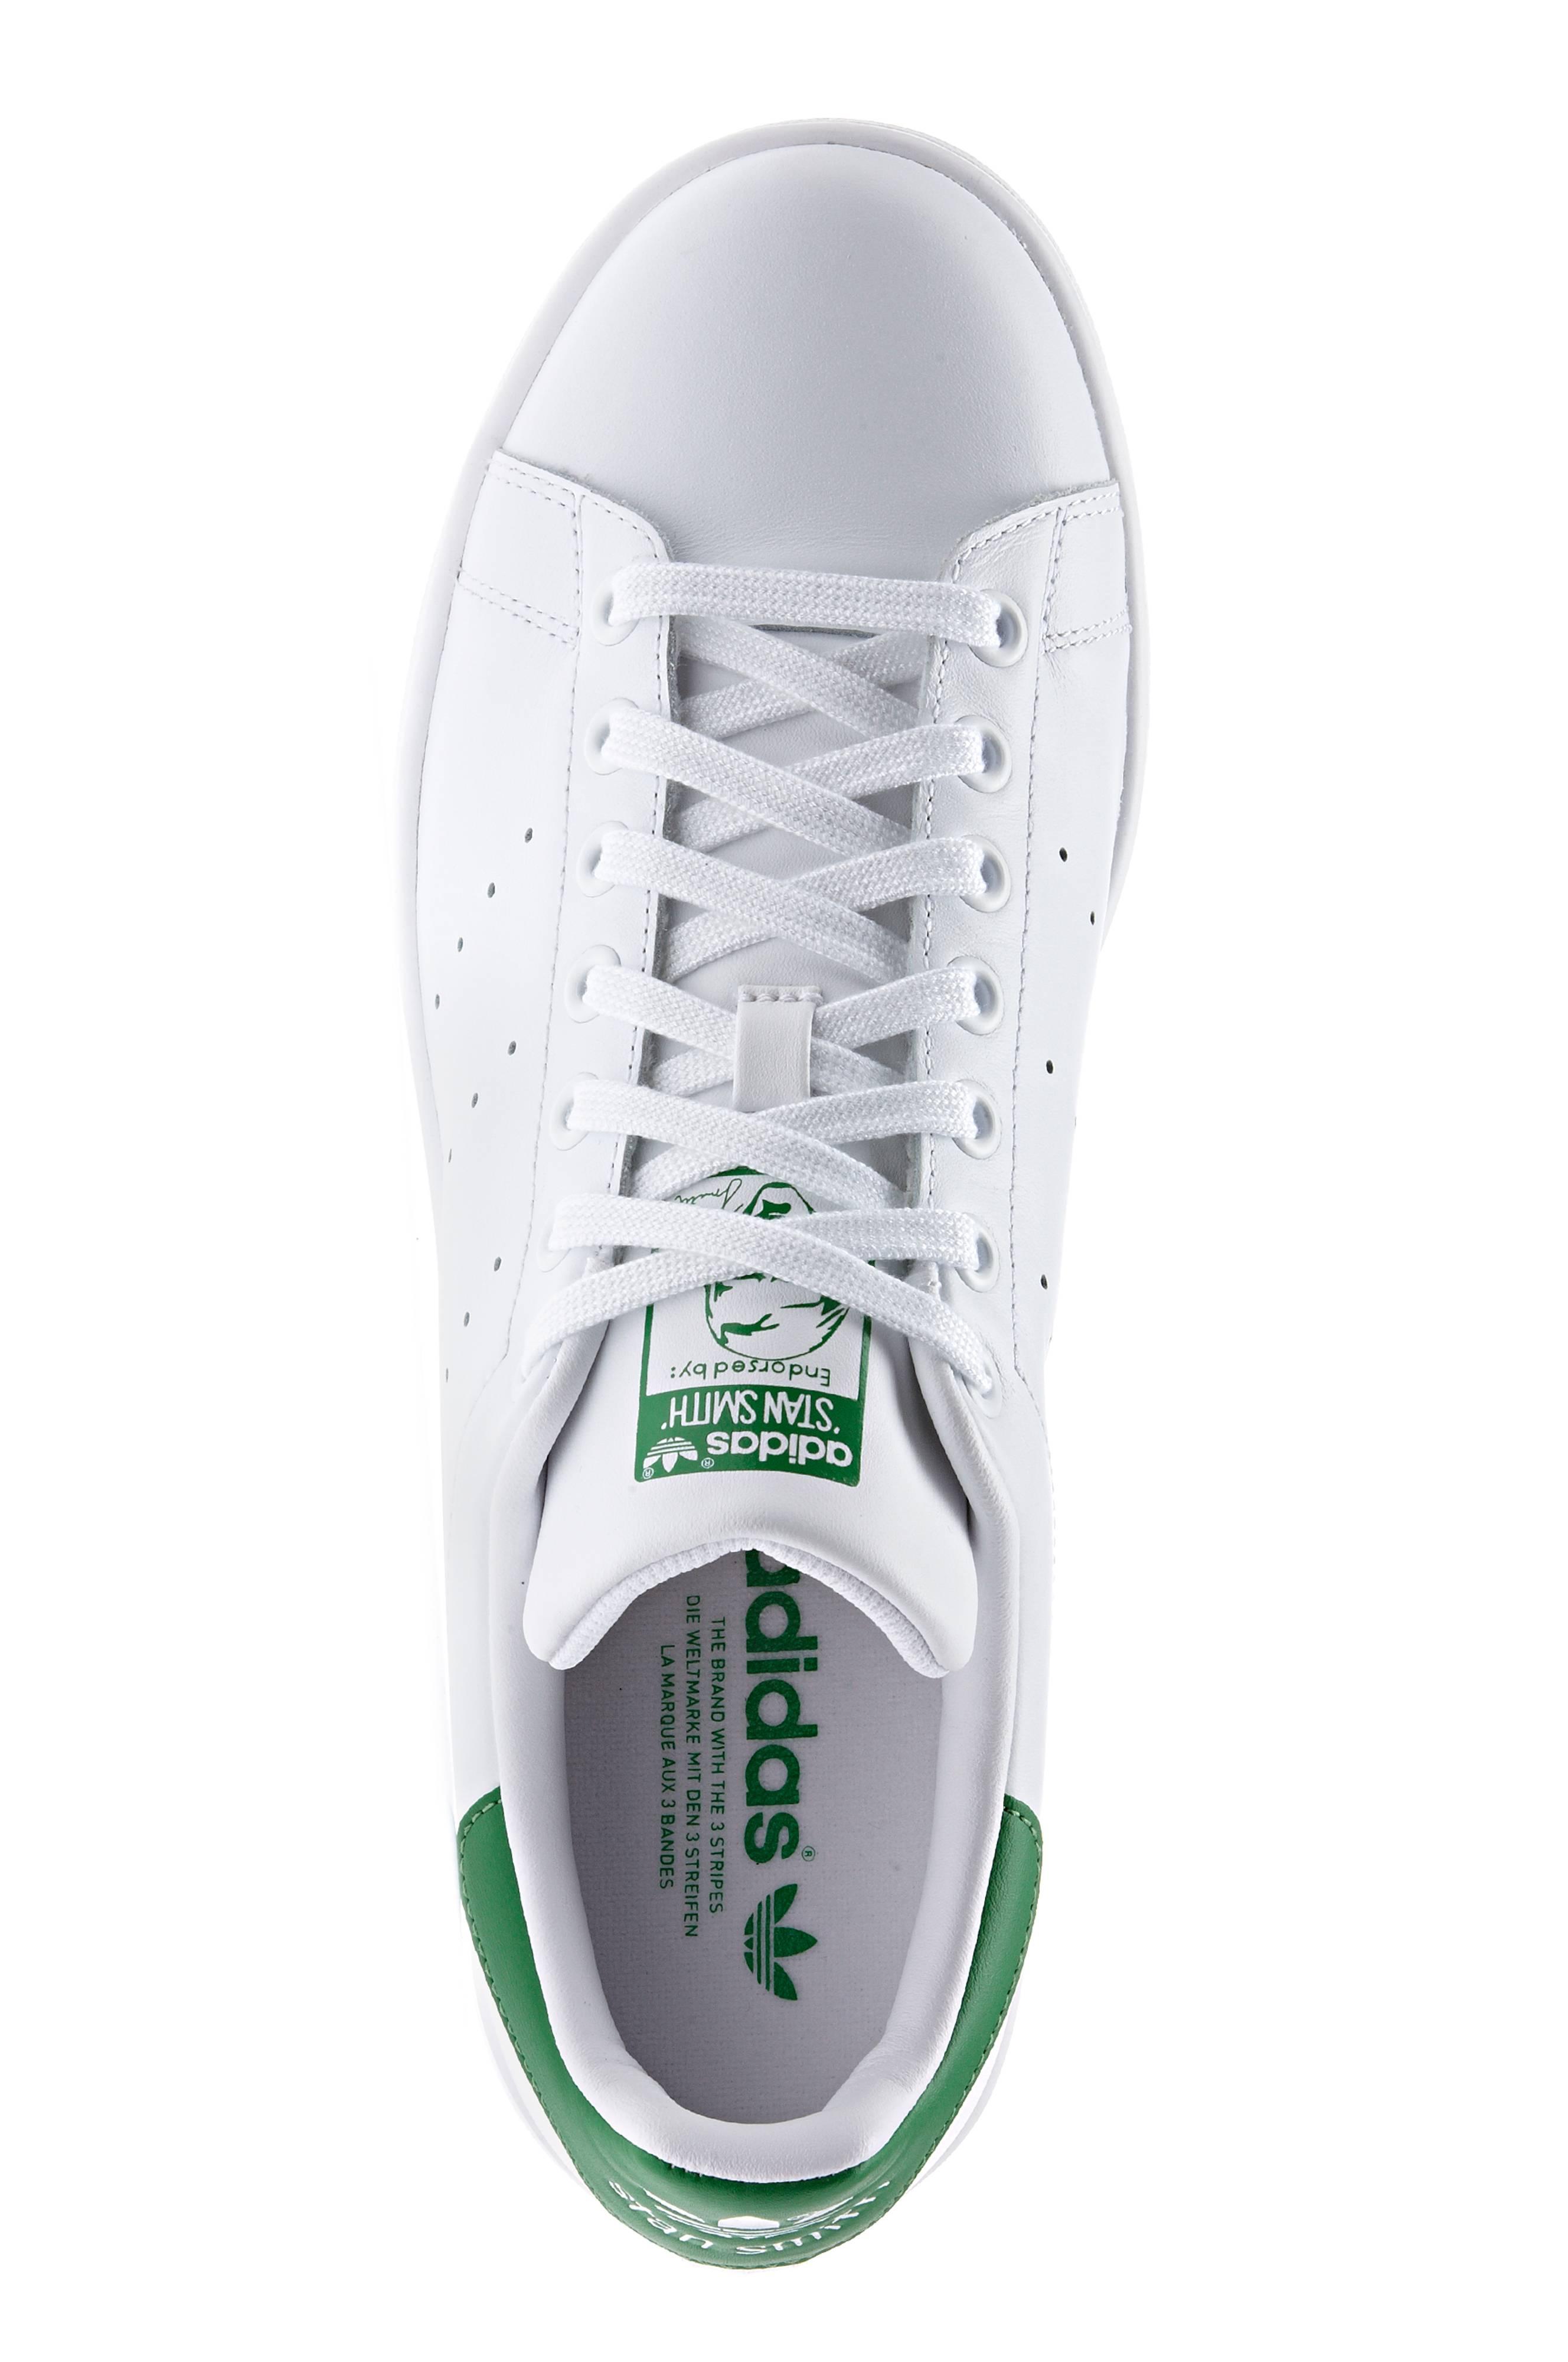 super kvalitet lägsta rabatt varm försäljning kub6d1d7 mycket billigt sneakers dam adidas stan smith w vit - kud ...